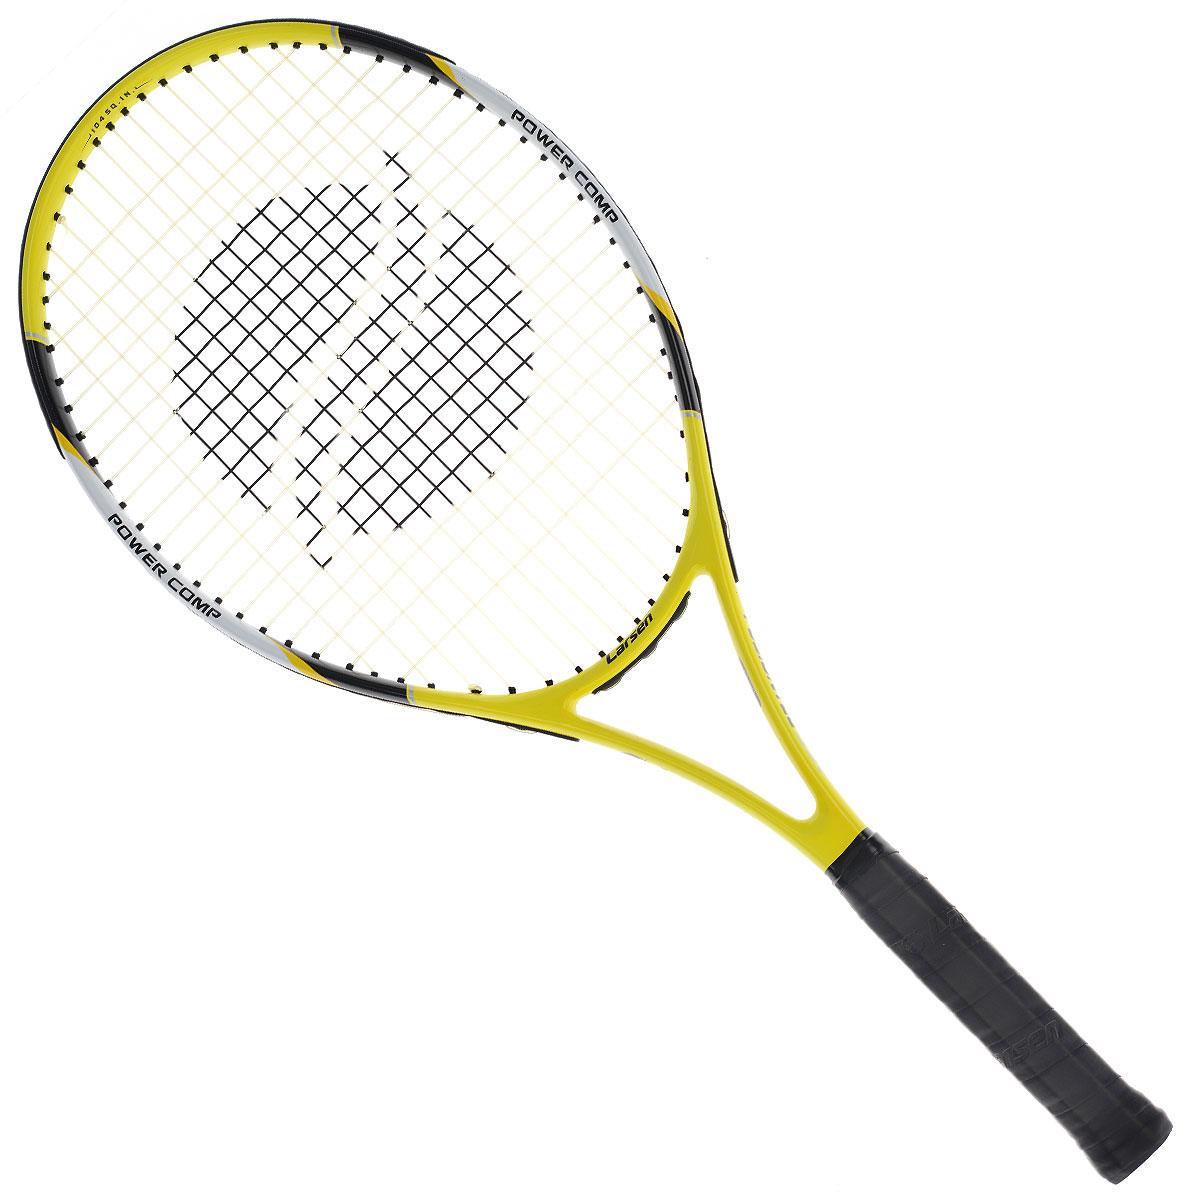 Ракетка для большого тенниса Larsen 530124439Ракетка для большого тенниса Larsen 530 - отличный выбор для любителей большего тенниса. Основа этой ракетки изготовлена из алюминия и графита, тем самым, делая эту ракетку легкой и очень удобной. Уверенная и надежная игра на теннисном корте с этой ракеткой вам обеспечена. Характеристики: Материал: алюминий, графит. Вес: 300 г +/-5 г. Длина: 25. Баланс: 315 мм +/-7,5 мм. Рекомендуемое натяжение: 47-52 lbs/21-24 кг. Размер упаковки: 73 см х 32 см х 3 см.